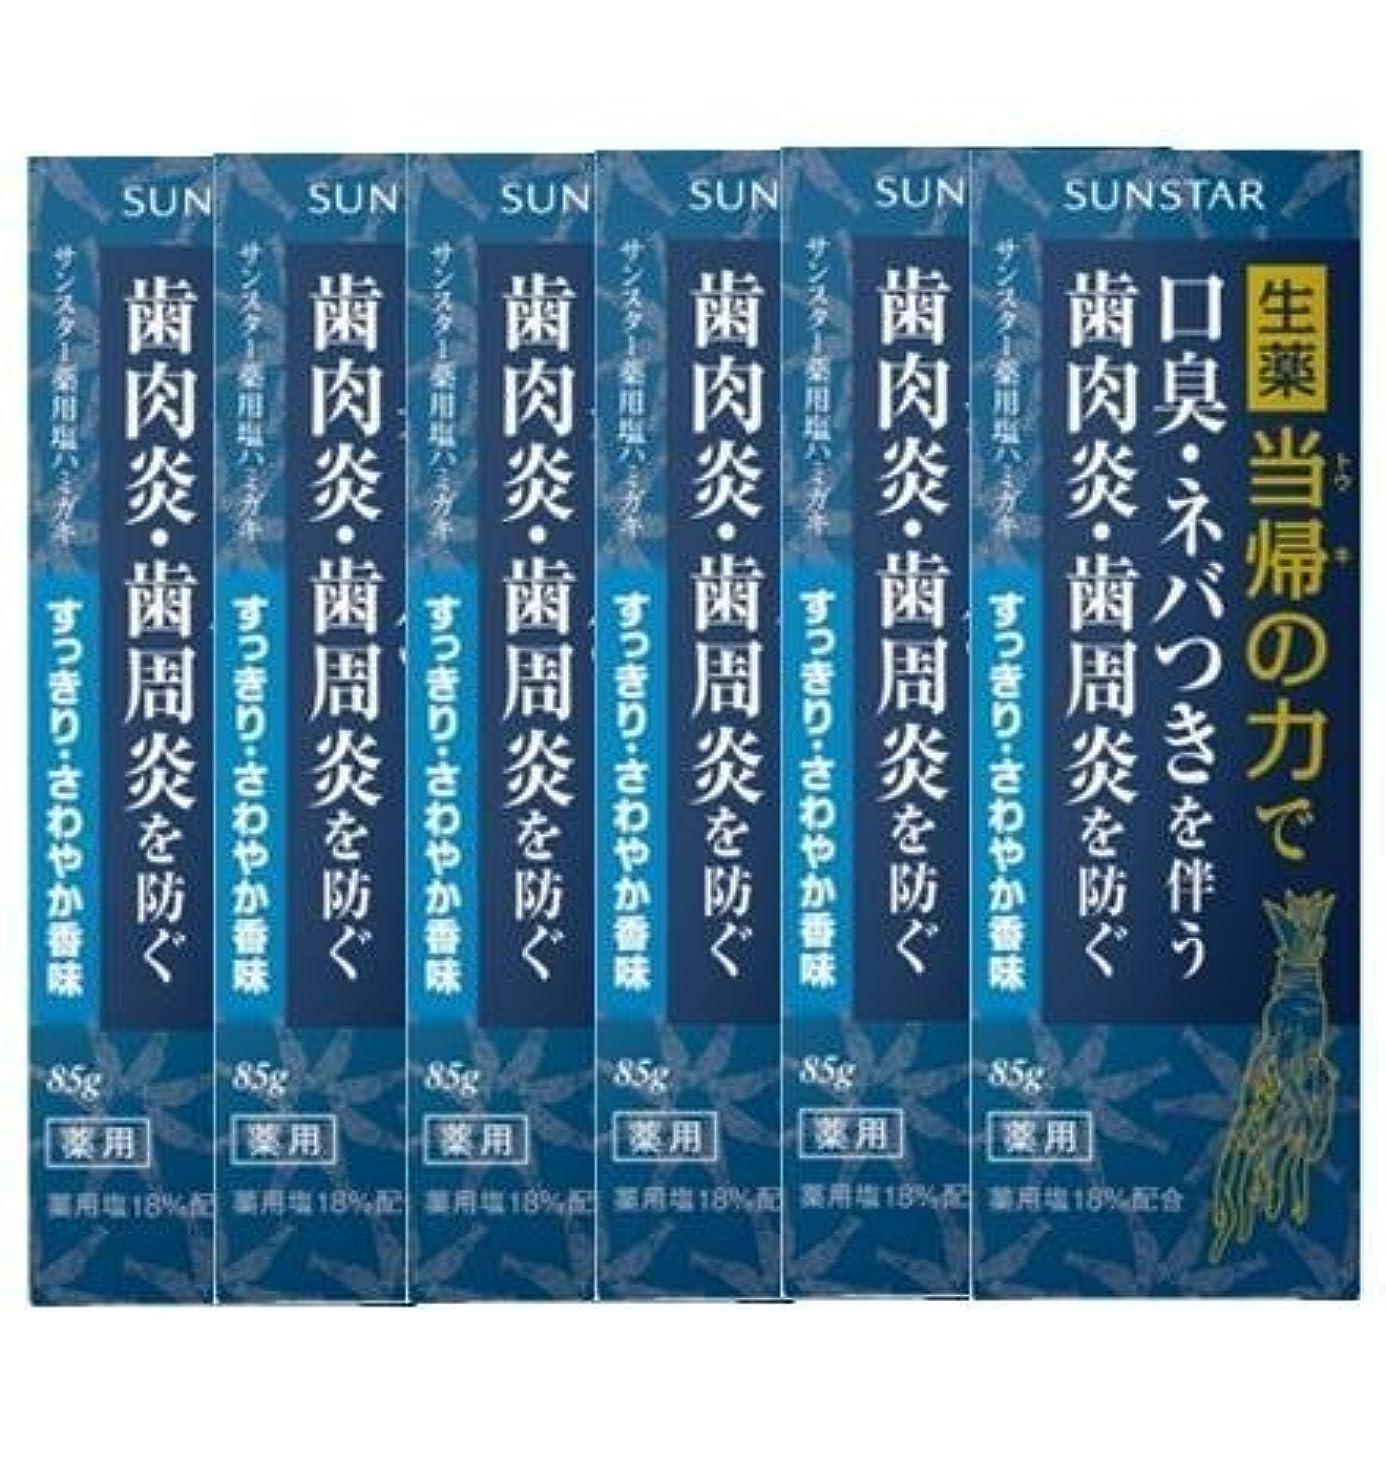 旋律的病んでいる悩む薬用ハミガキ 生薬 当帰の力 さわやか香味85g×6個セット